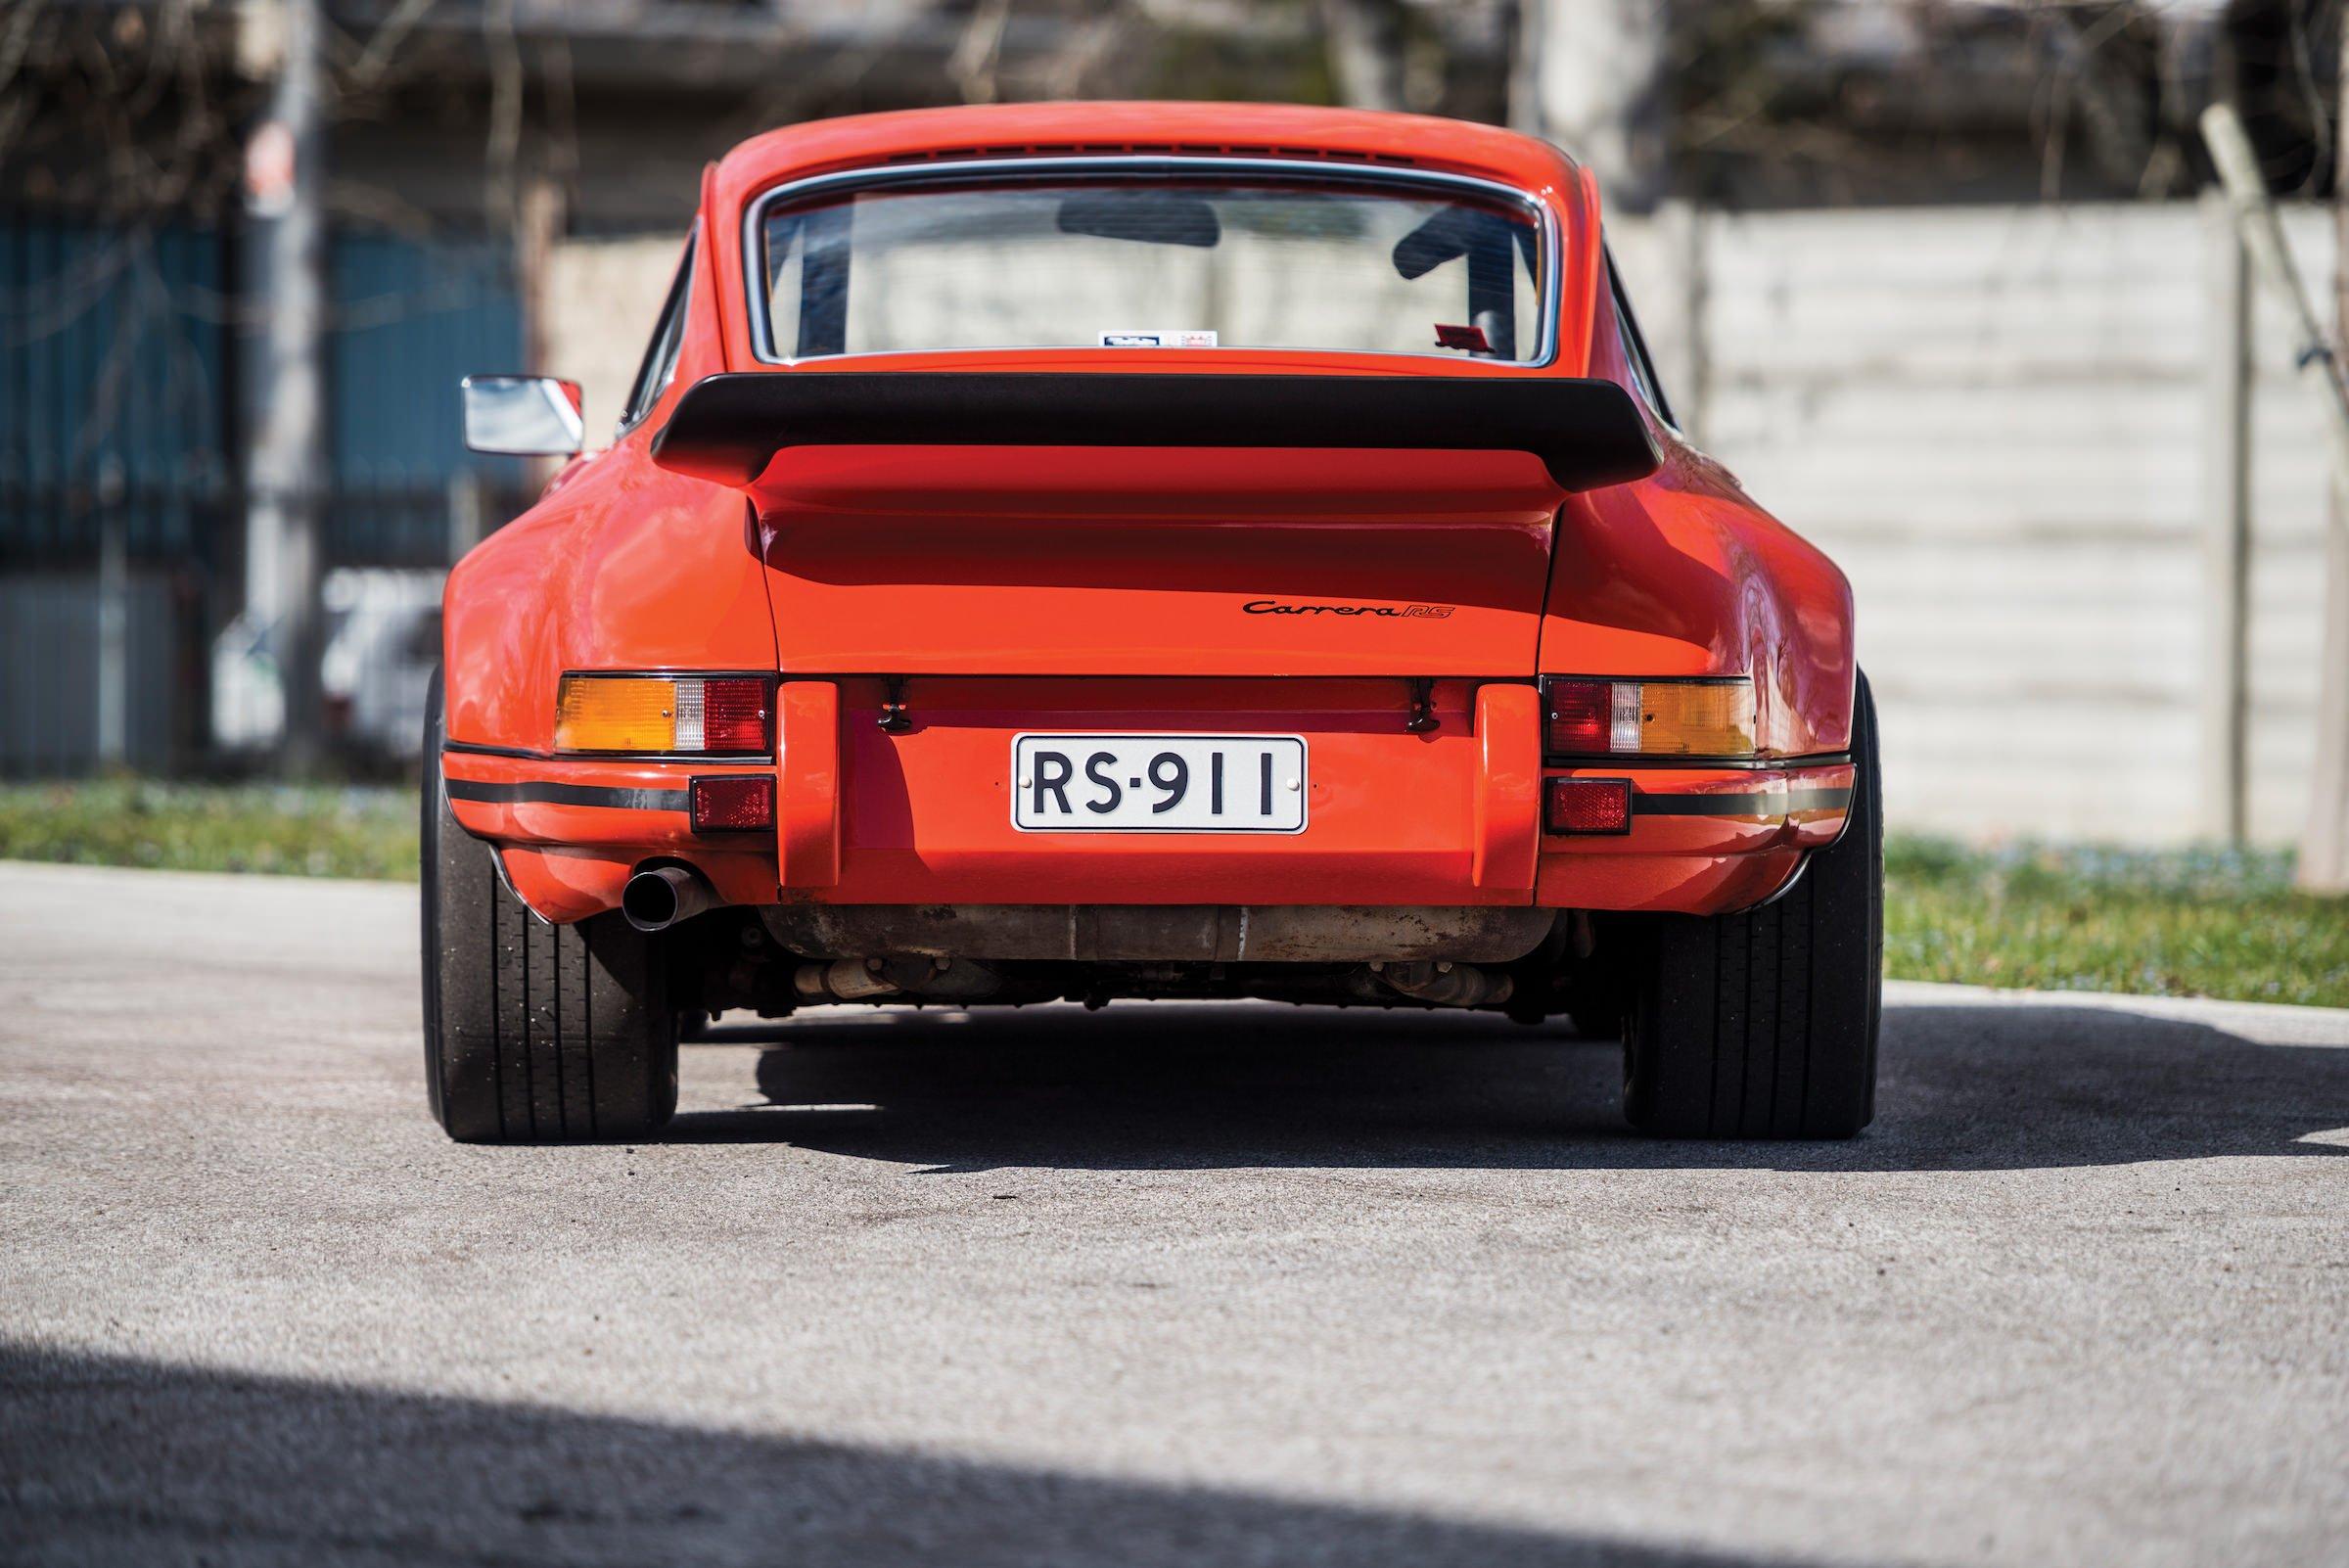 1973 Porsche 911 Carrera Rs 27 Lightweight Built For Leo Kinnunen Wiring Harness